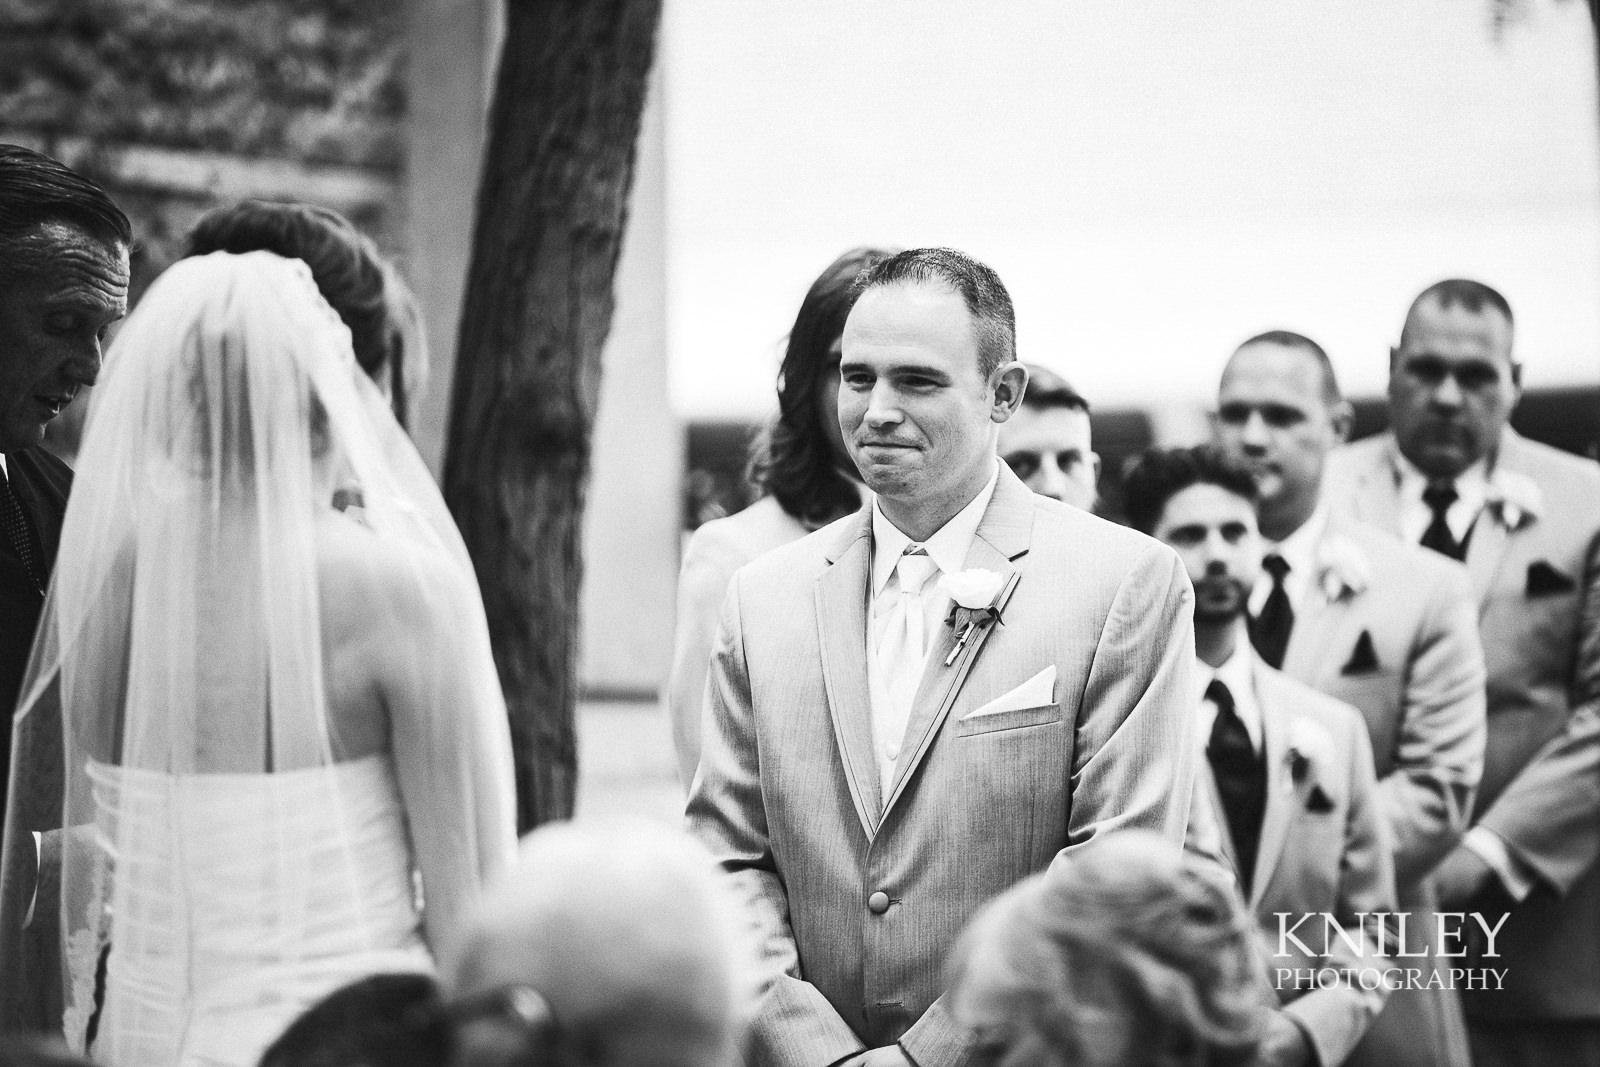 066 - St Josephs Park Wedding Picture - Rochester NY - IMG_3434.jpg